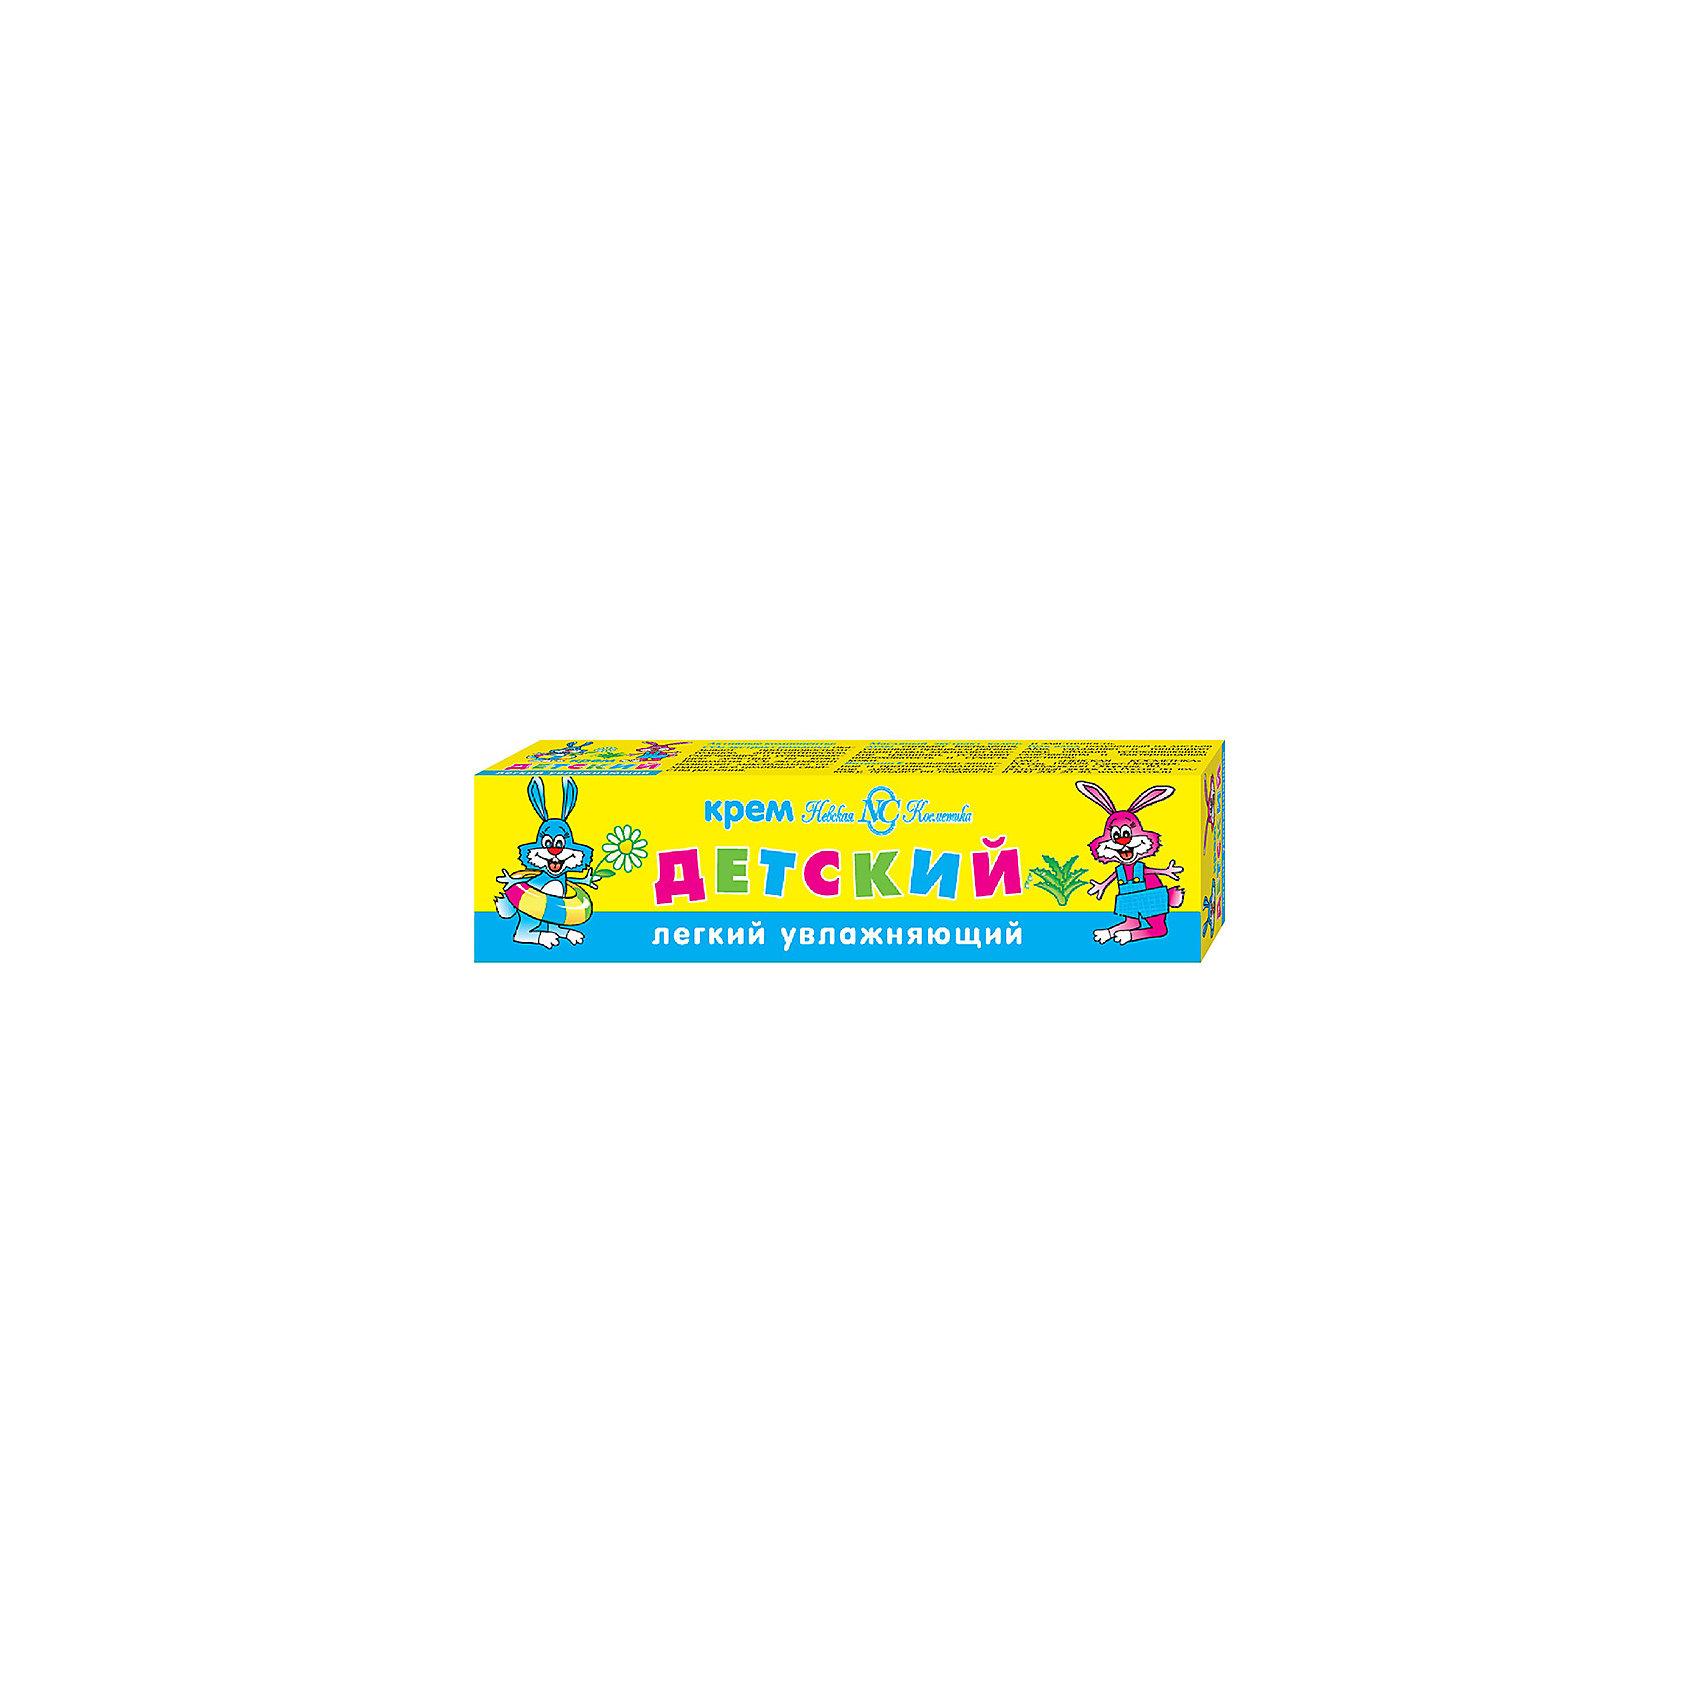 Крем Невская косметика Детский лёгкий увлажняющий, 40 мл